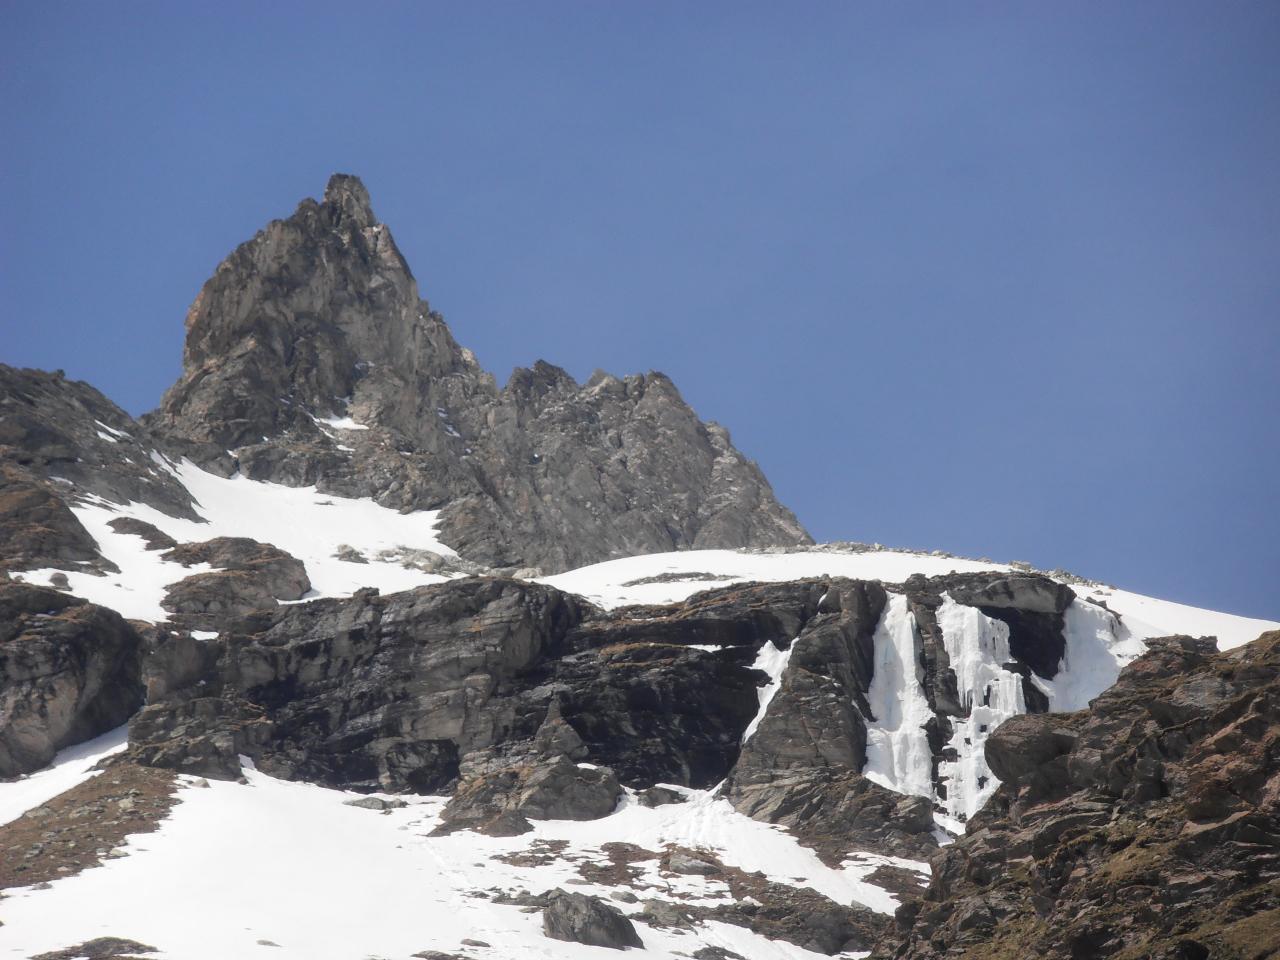 03 - dettaglio Petit Vallon con cascate di ghiaccio